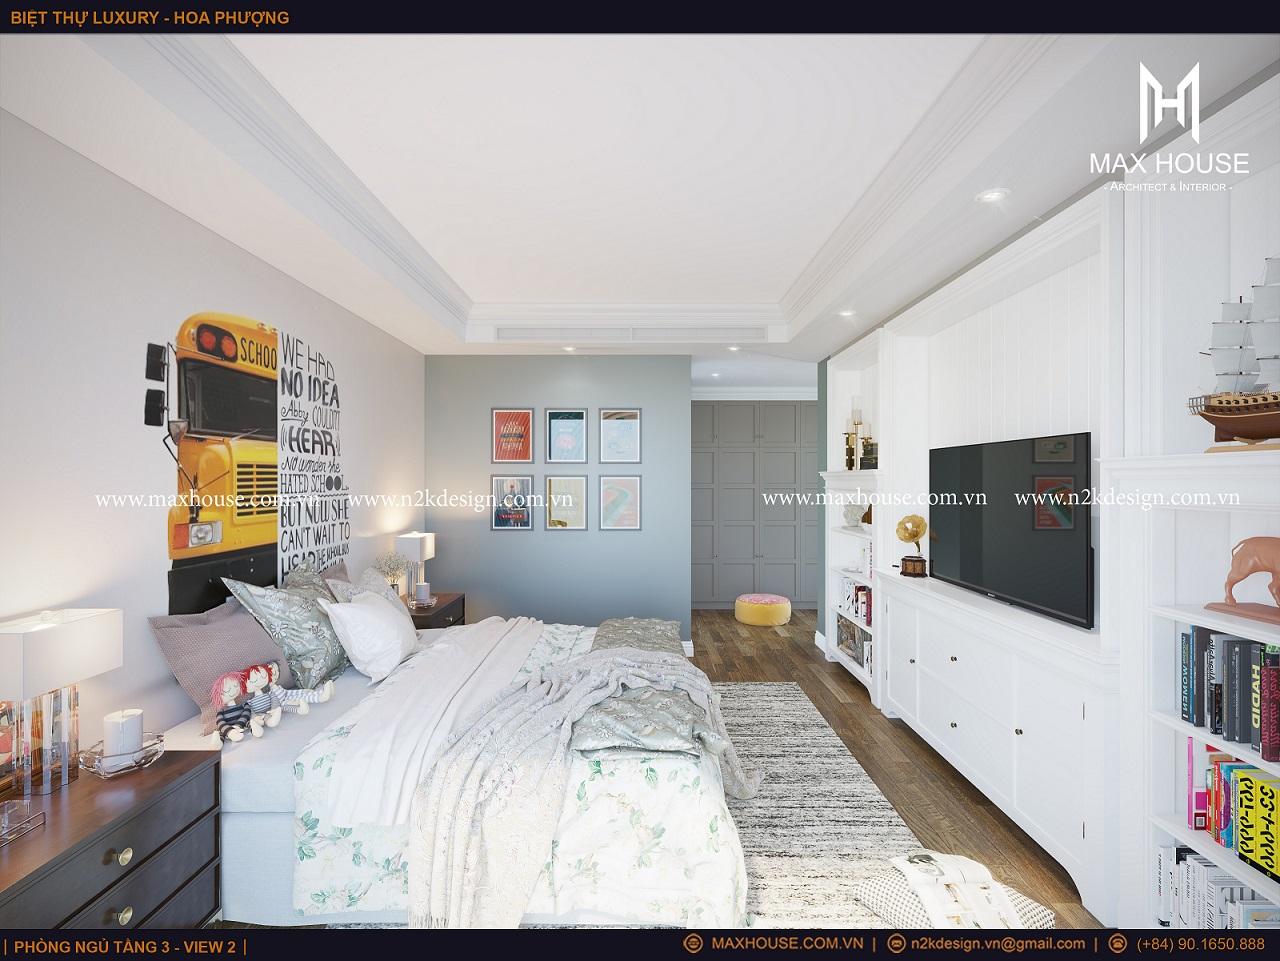 Vẻ đáng yêu của căn phòng sẽ giúp cho trẻ nhỏ luôn thoải mái và phát huy được trí tưởng tượng của mình.